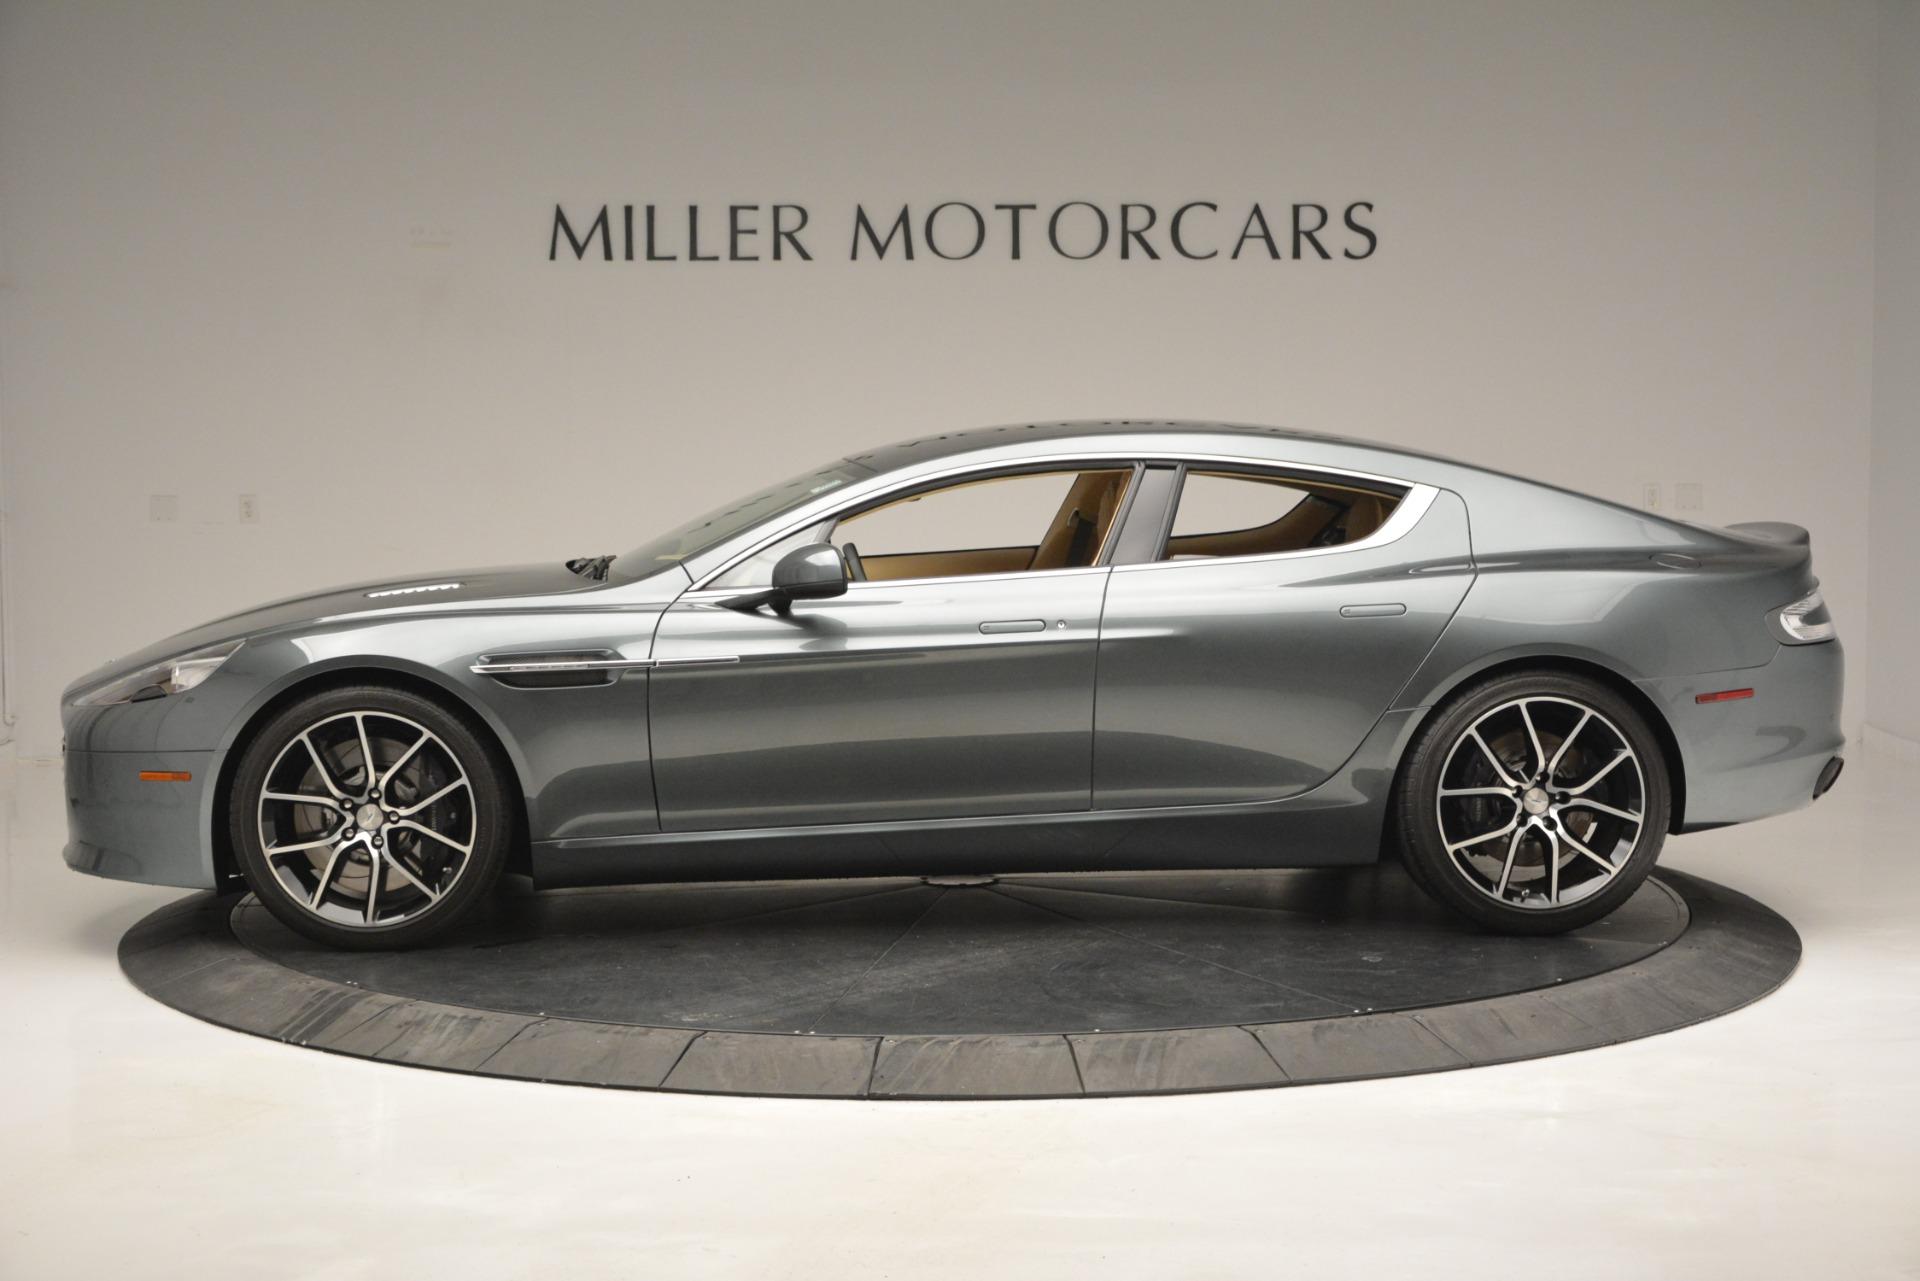 Used 2017 Aston Martin Rapide S Sedan For Sale In Greenwich, CT. Alfa Romeo of Greenwich, 7462 2889_p3